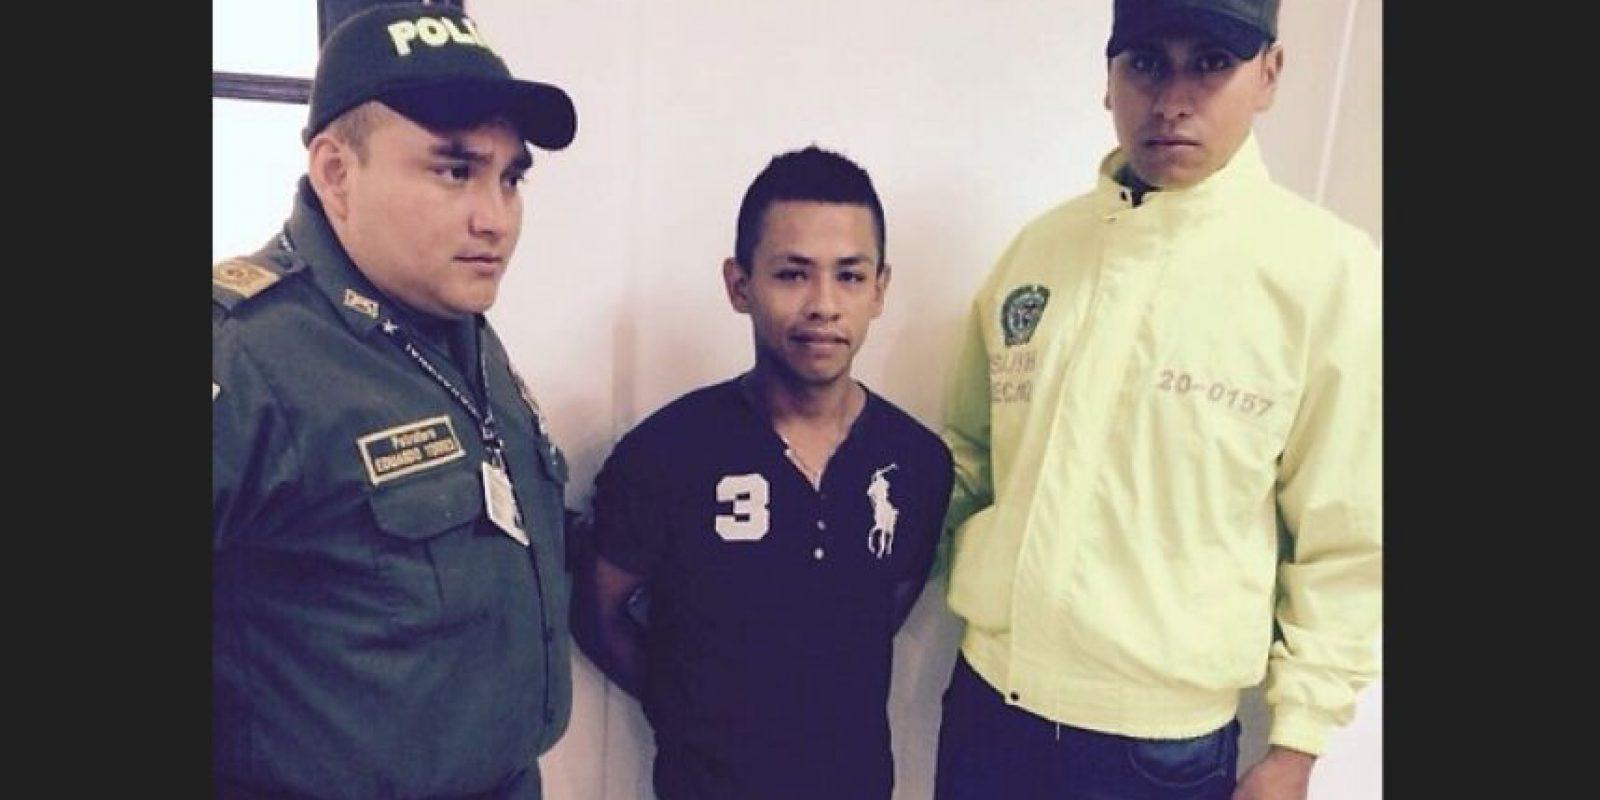 Se entregó el lunes en la mañana luego de que Édison Vega y Cristopher Chávez fueran enviados a prisión. El hombre, asesino de profesión (incluso tiene tatuada la oración del sicario en el brazo) conducía la moto en la que llegó con 'el Desalmado' a la casa de los Vanegas Grimaldo y fue el encargado de controlar a los niños mientras este les disparaba. Foto:Policía